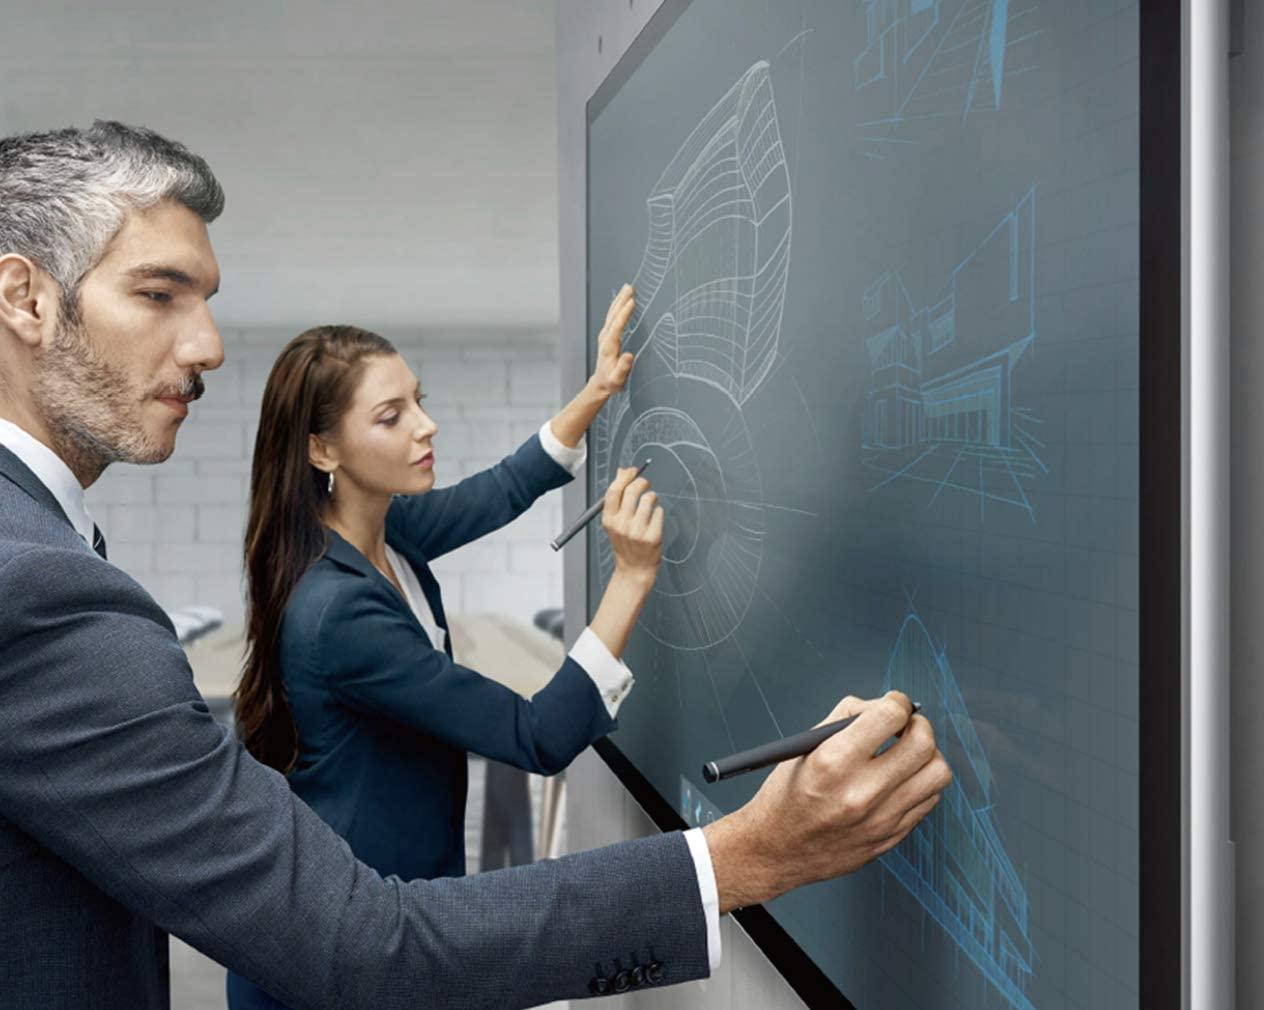 MAXHUB Sシリーズ 75inch S75FA オールインワンミーティングボード フルセット ディスプレイスタンドセット付き プレゼンテーション・会議で使えるインタラクティブホワイトボード/電子黒板